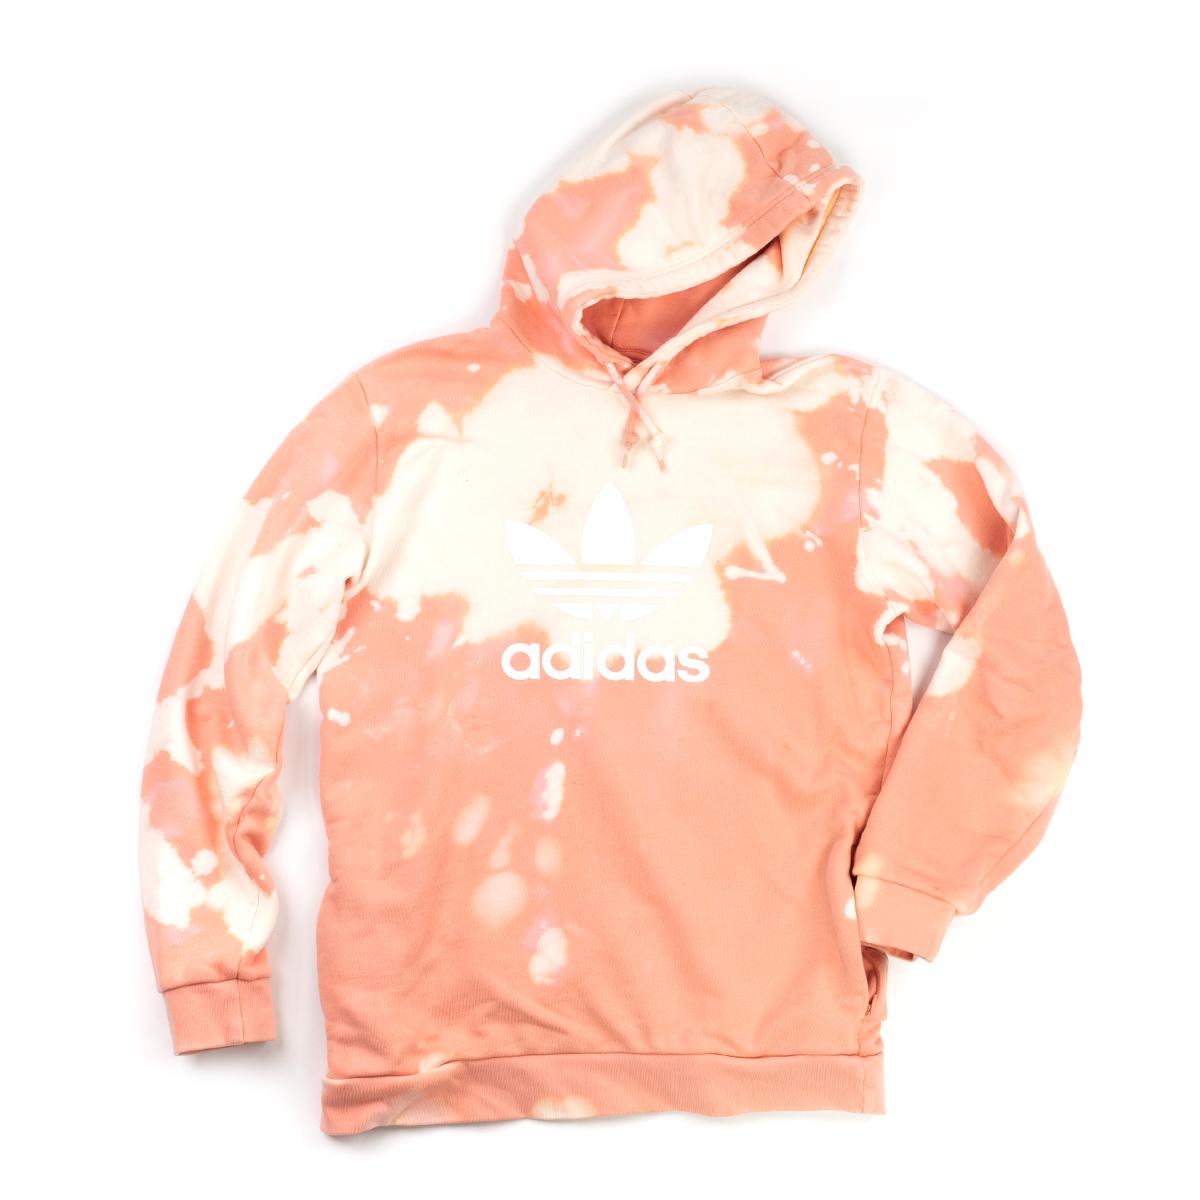 Peach Adidas Hoodie (L)